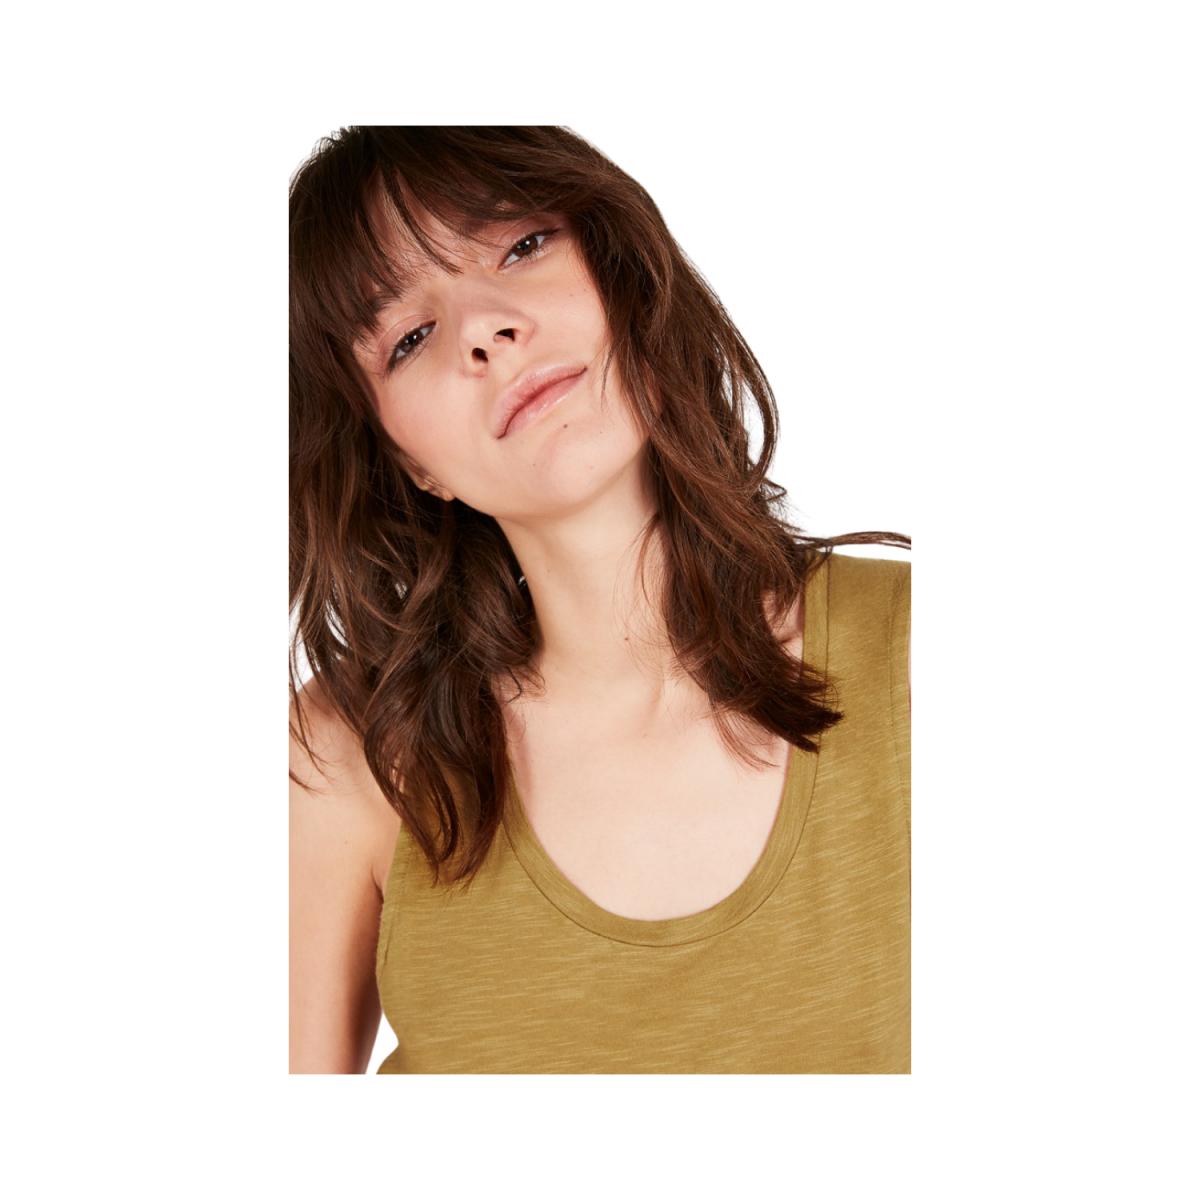 jacksonville strop - vintage camello t-shirt - model billede